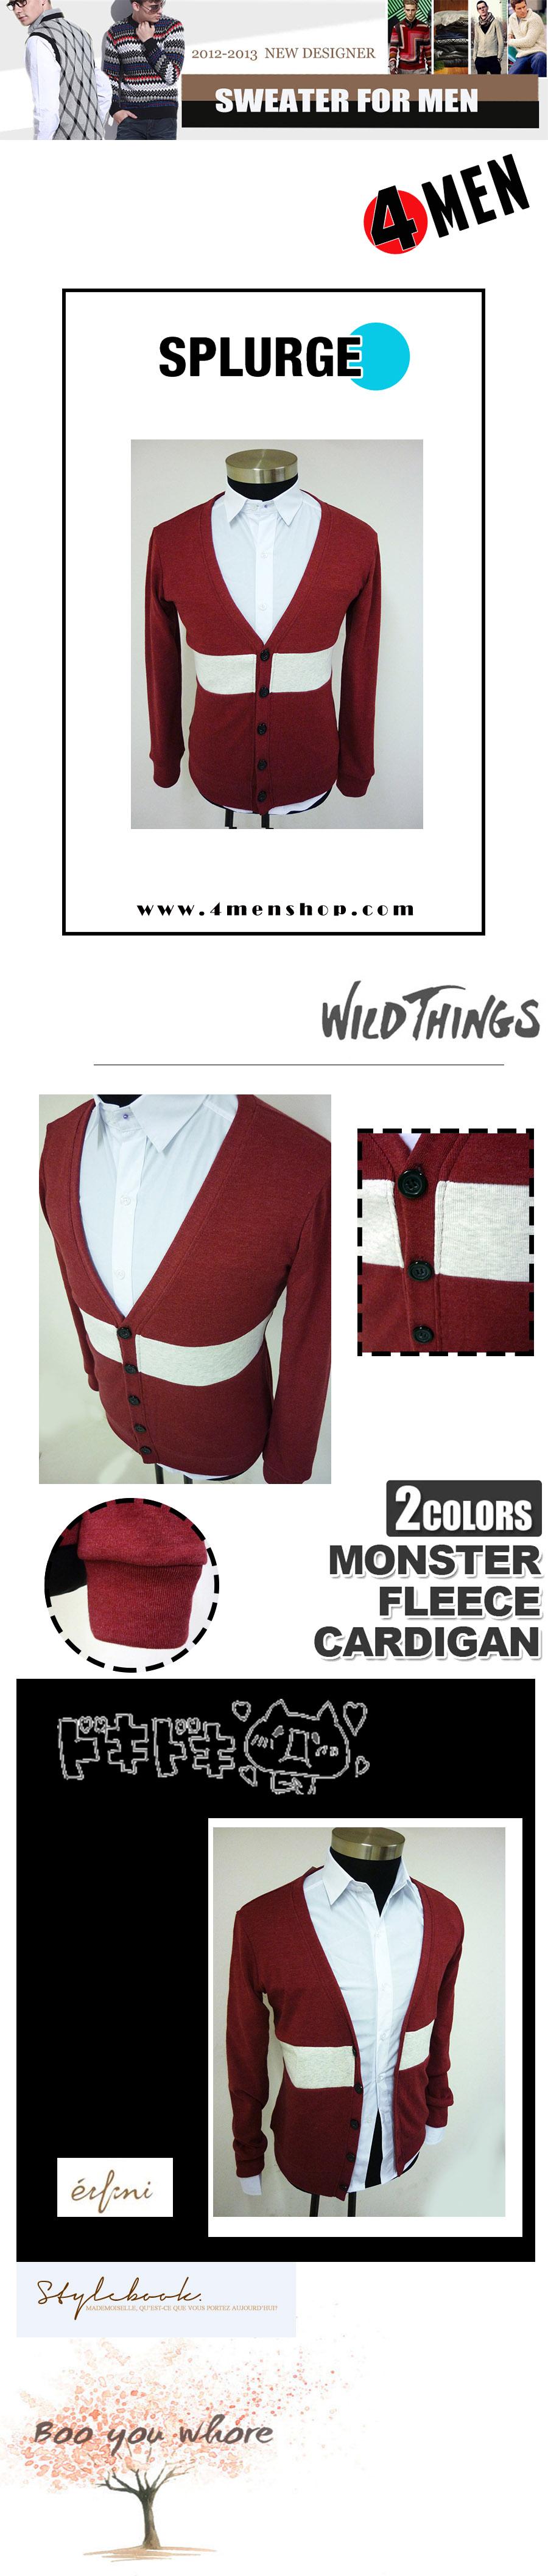 Áo khoác cardigan đỏ cam ac058 - 1